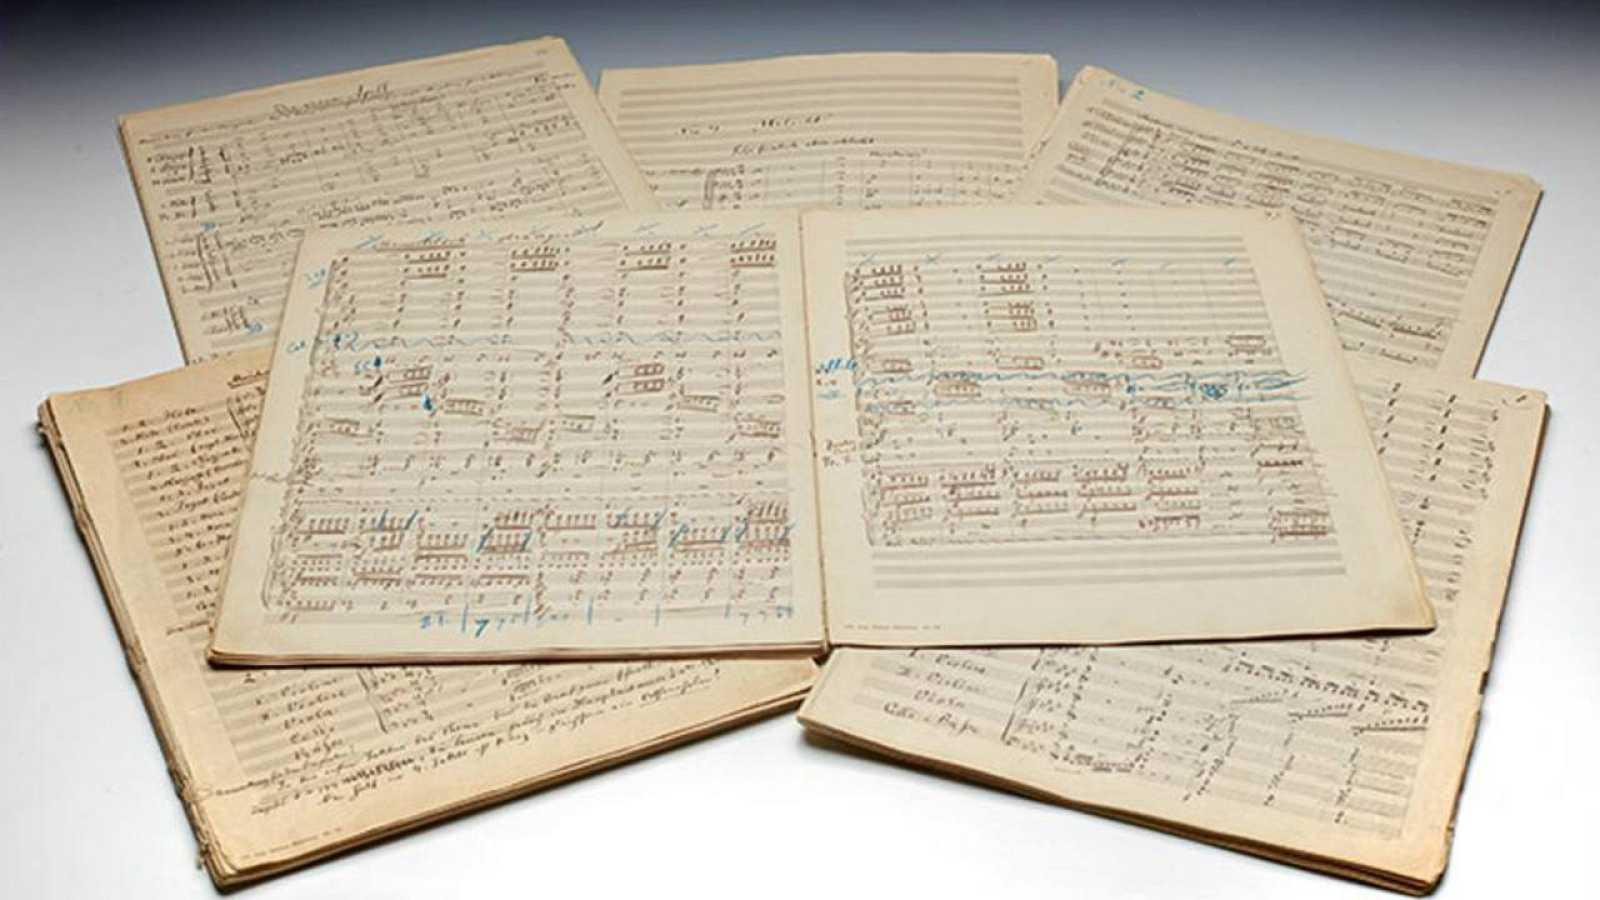 Sinfonía nº 2 de Mahler